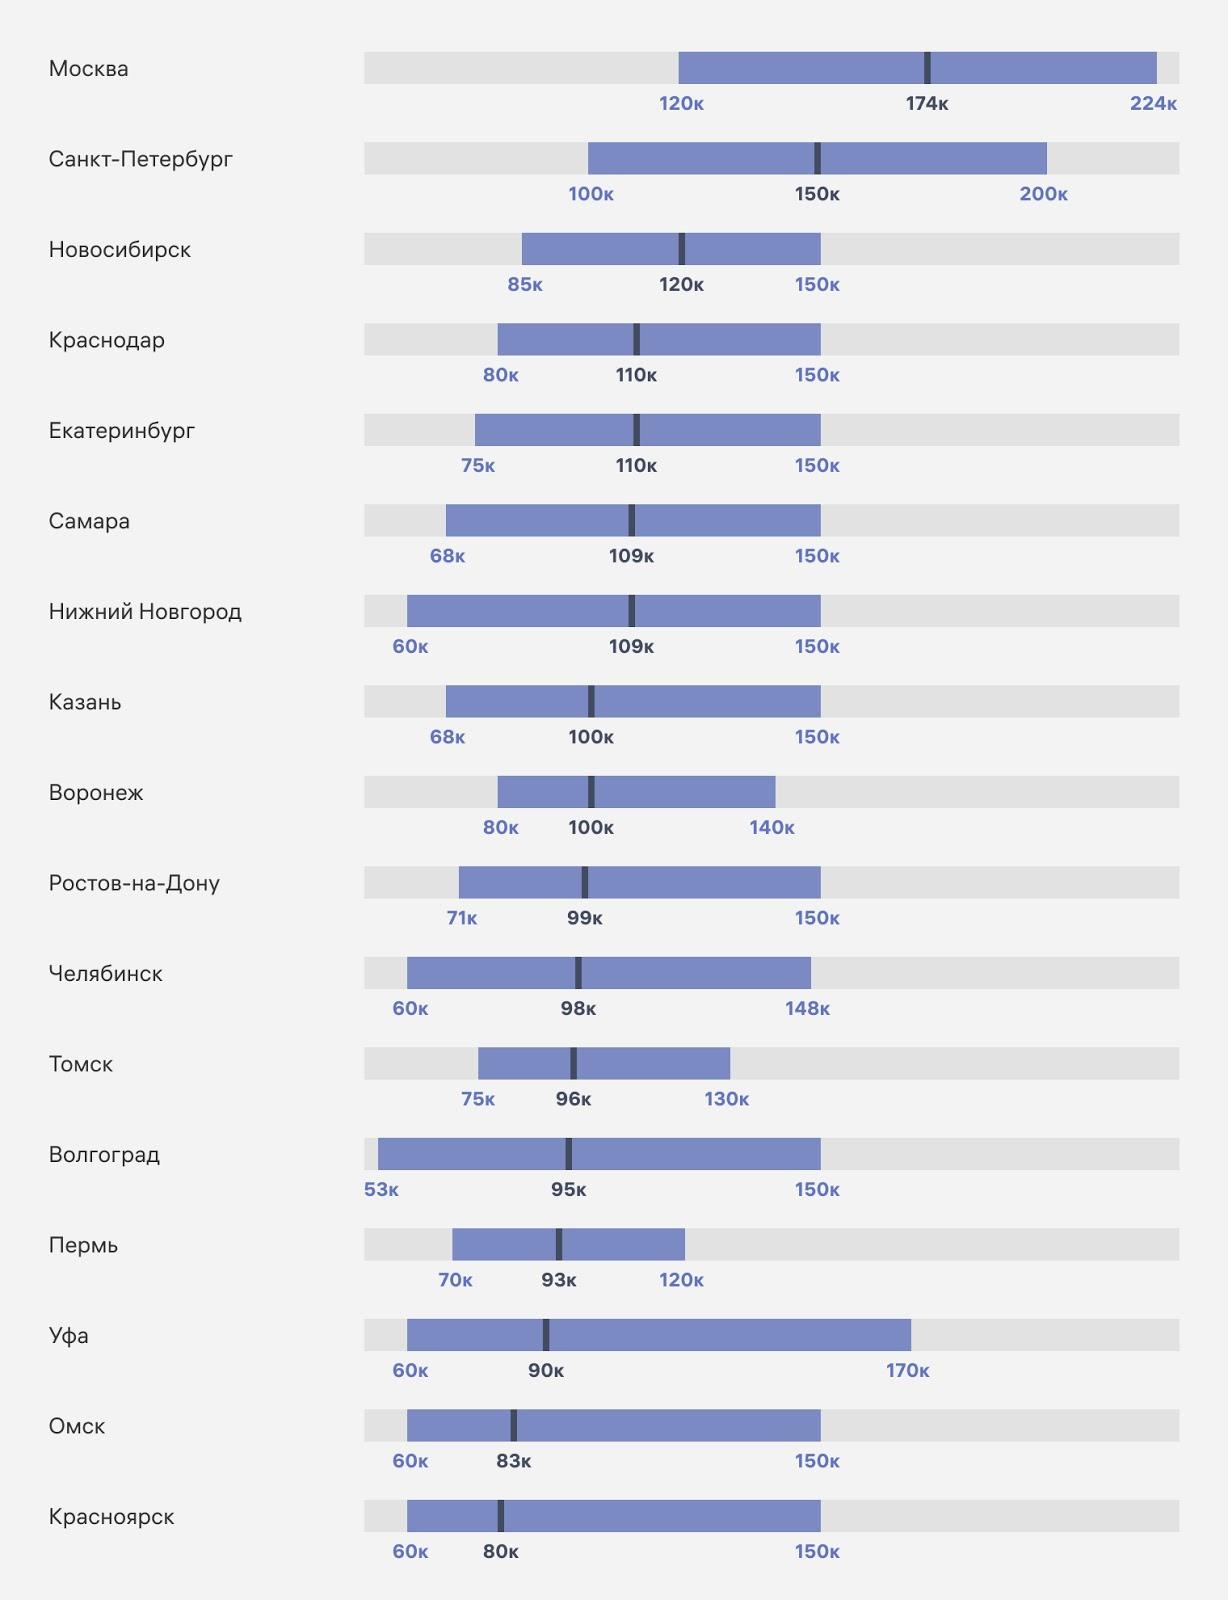 Сравнение зарплат разработчиков из Мск, СПб и крупных российских городов (первое полугодие 2021 г.)